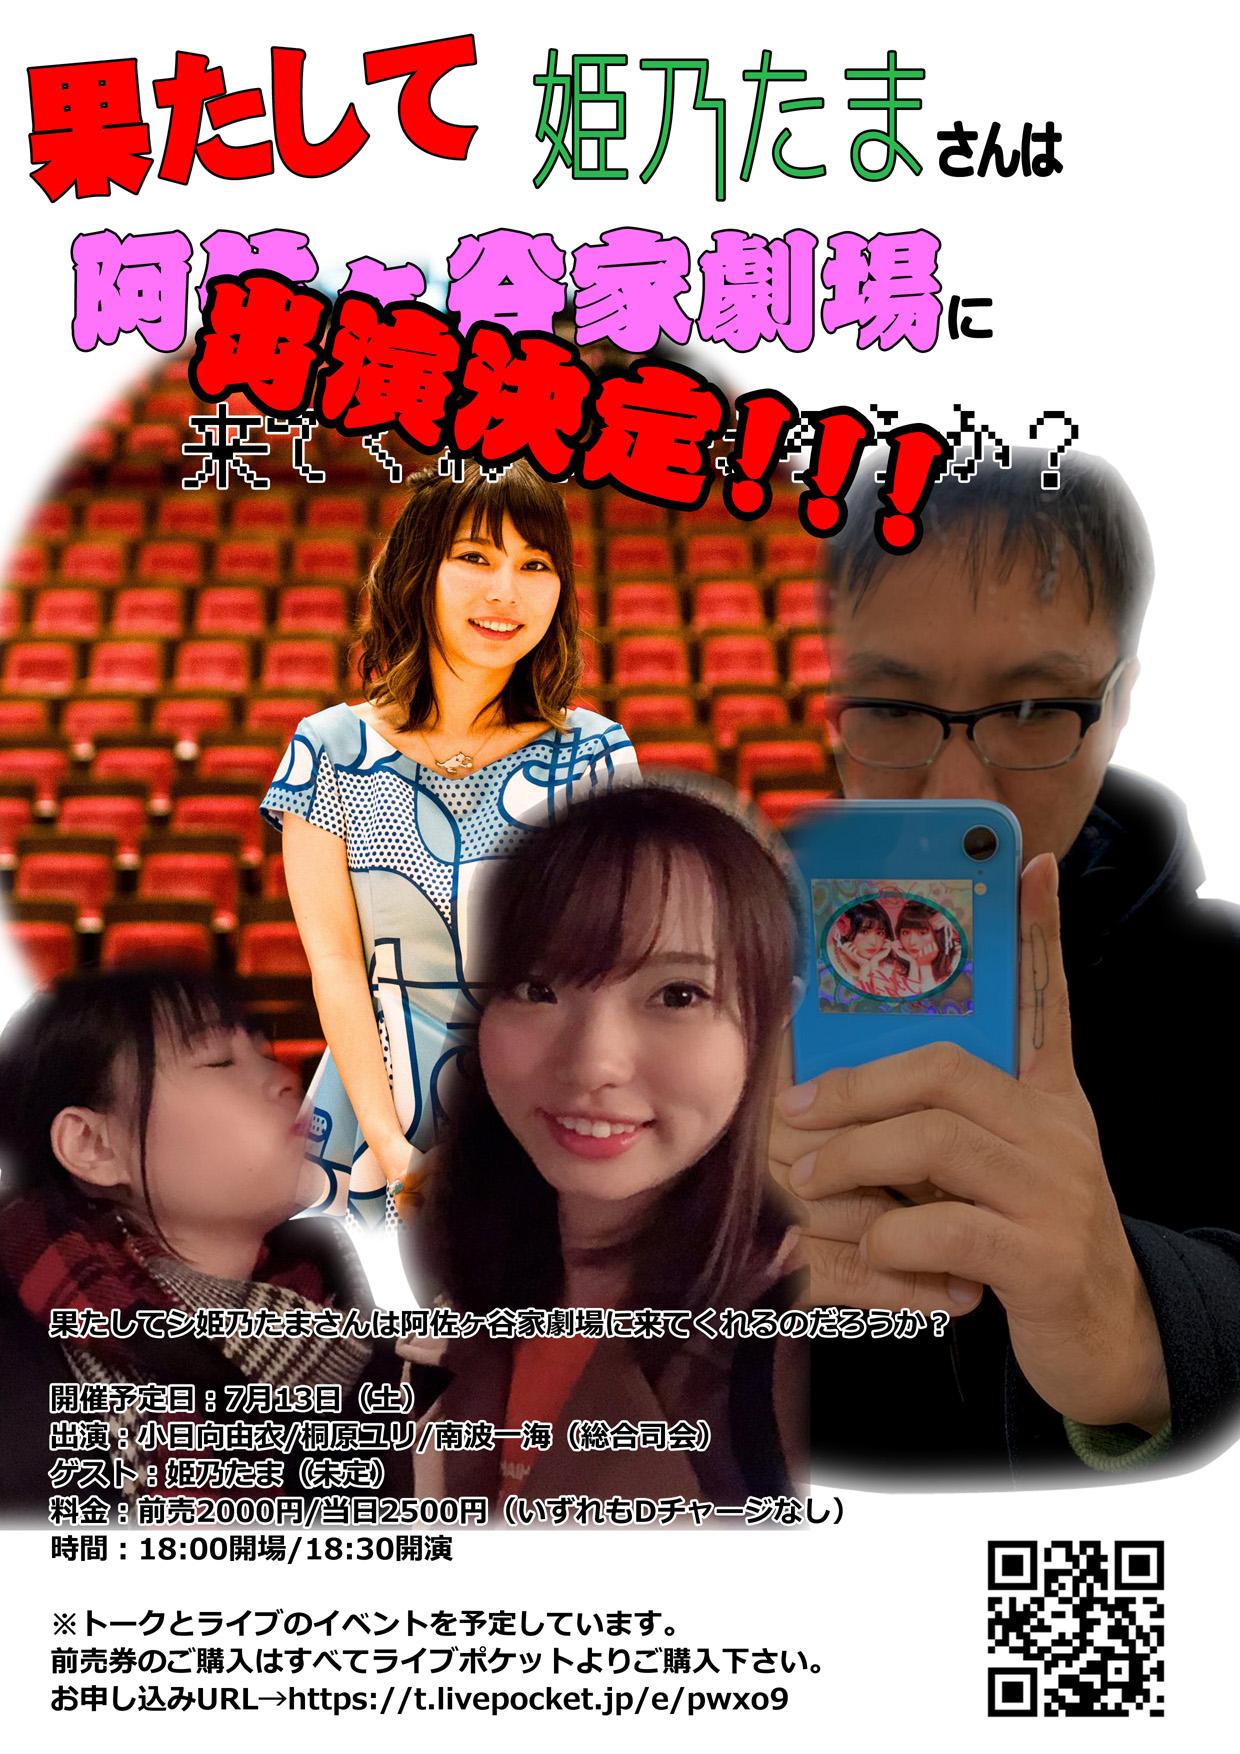 果たして姫乃たまさんは阿佐ヶ谷家劇場に来てくれるのだろうか?